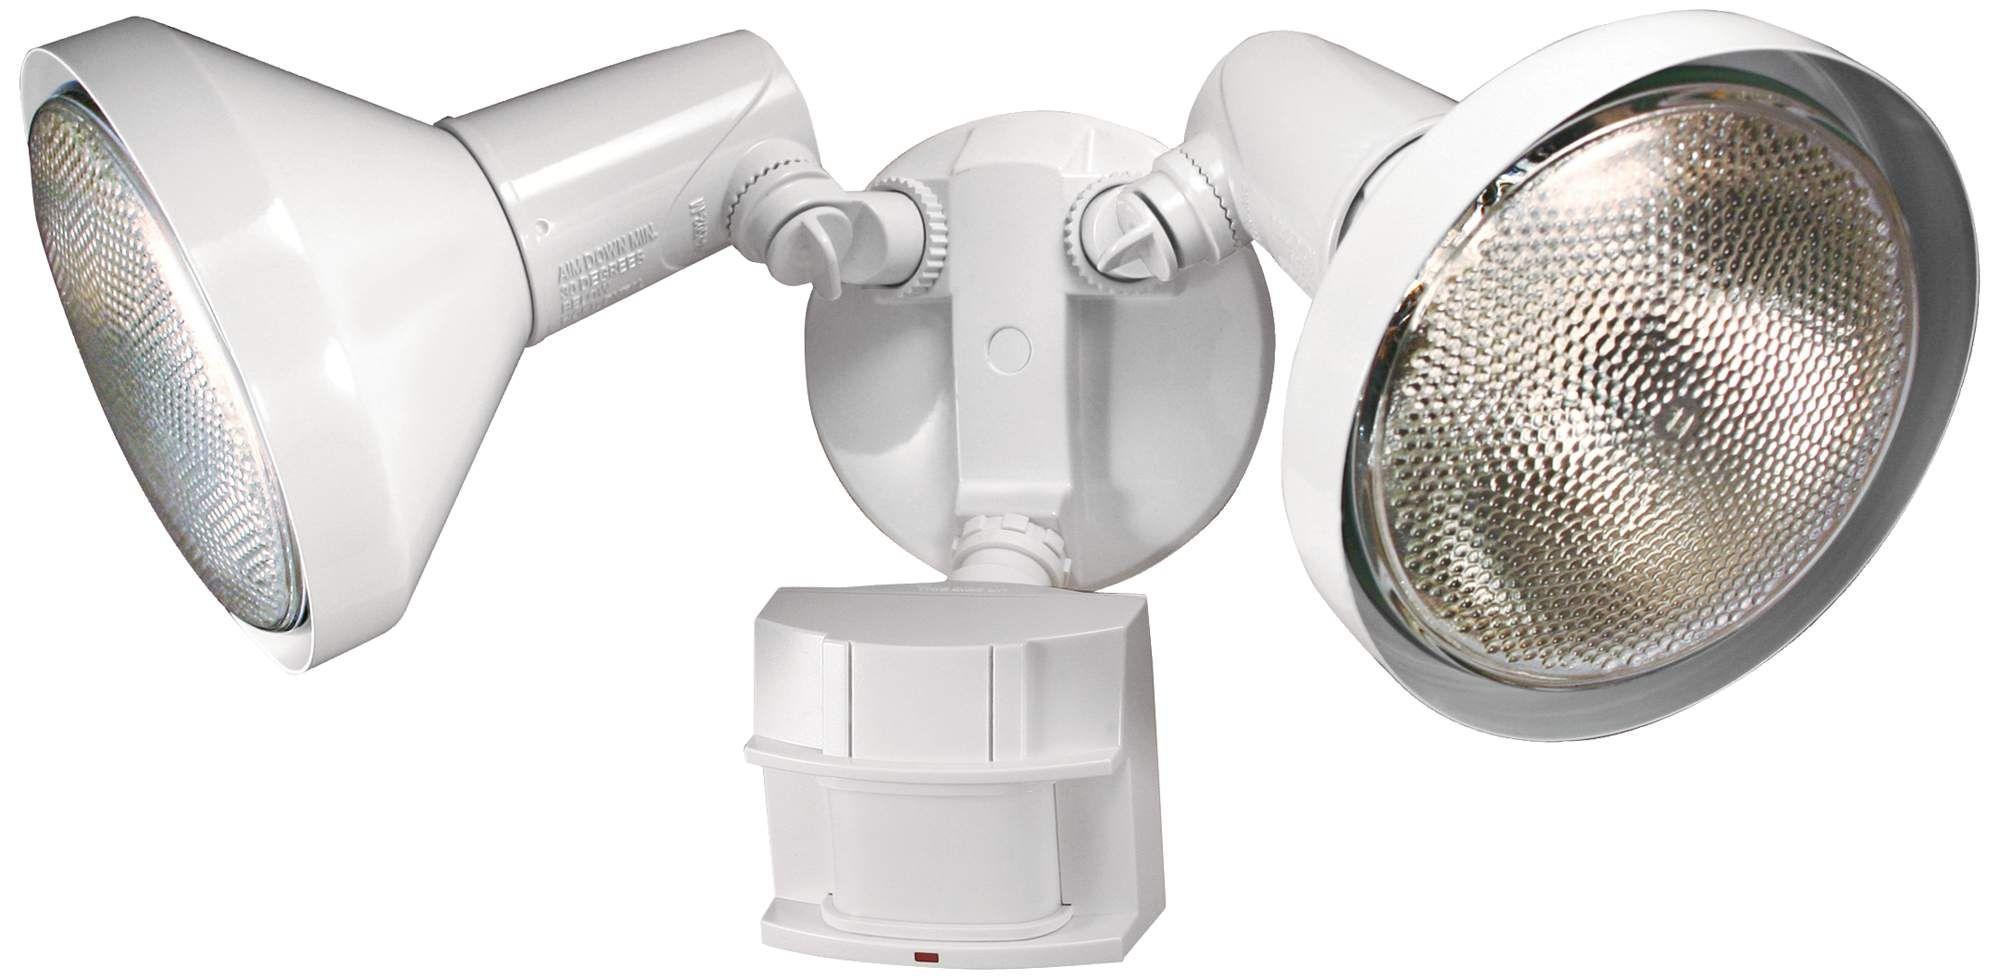 Two Light White 180 Degree Motion Sensor Security Light